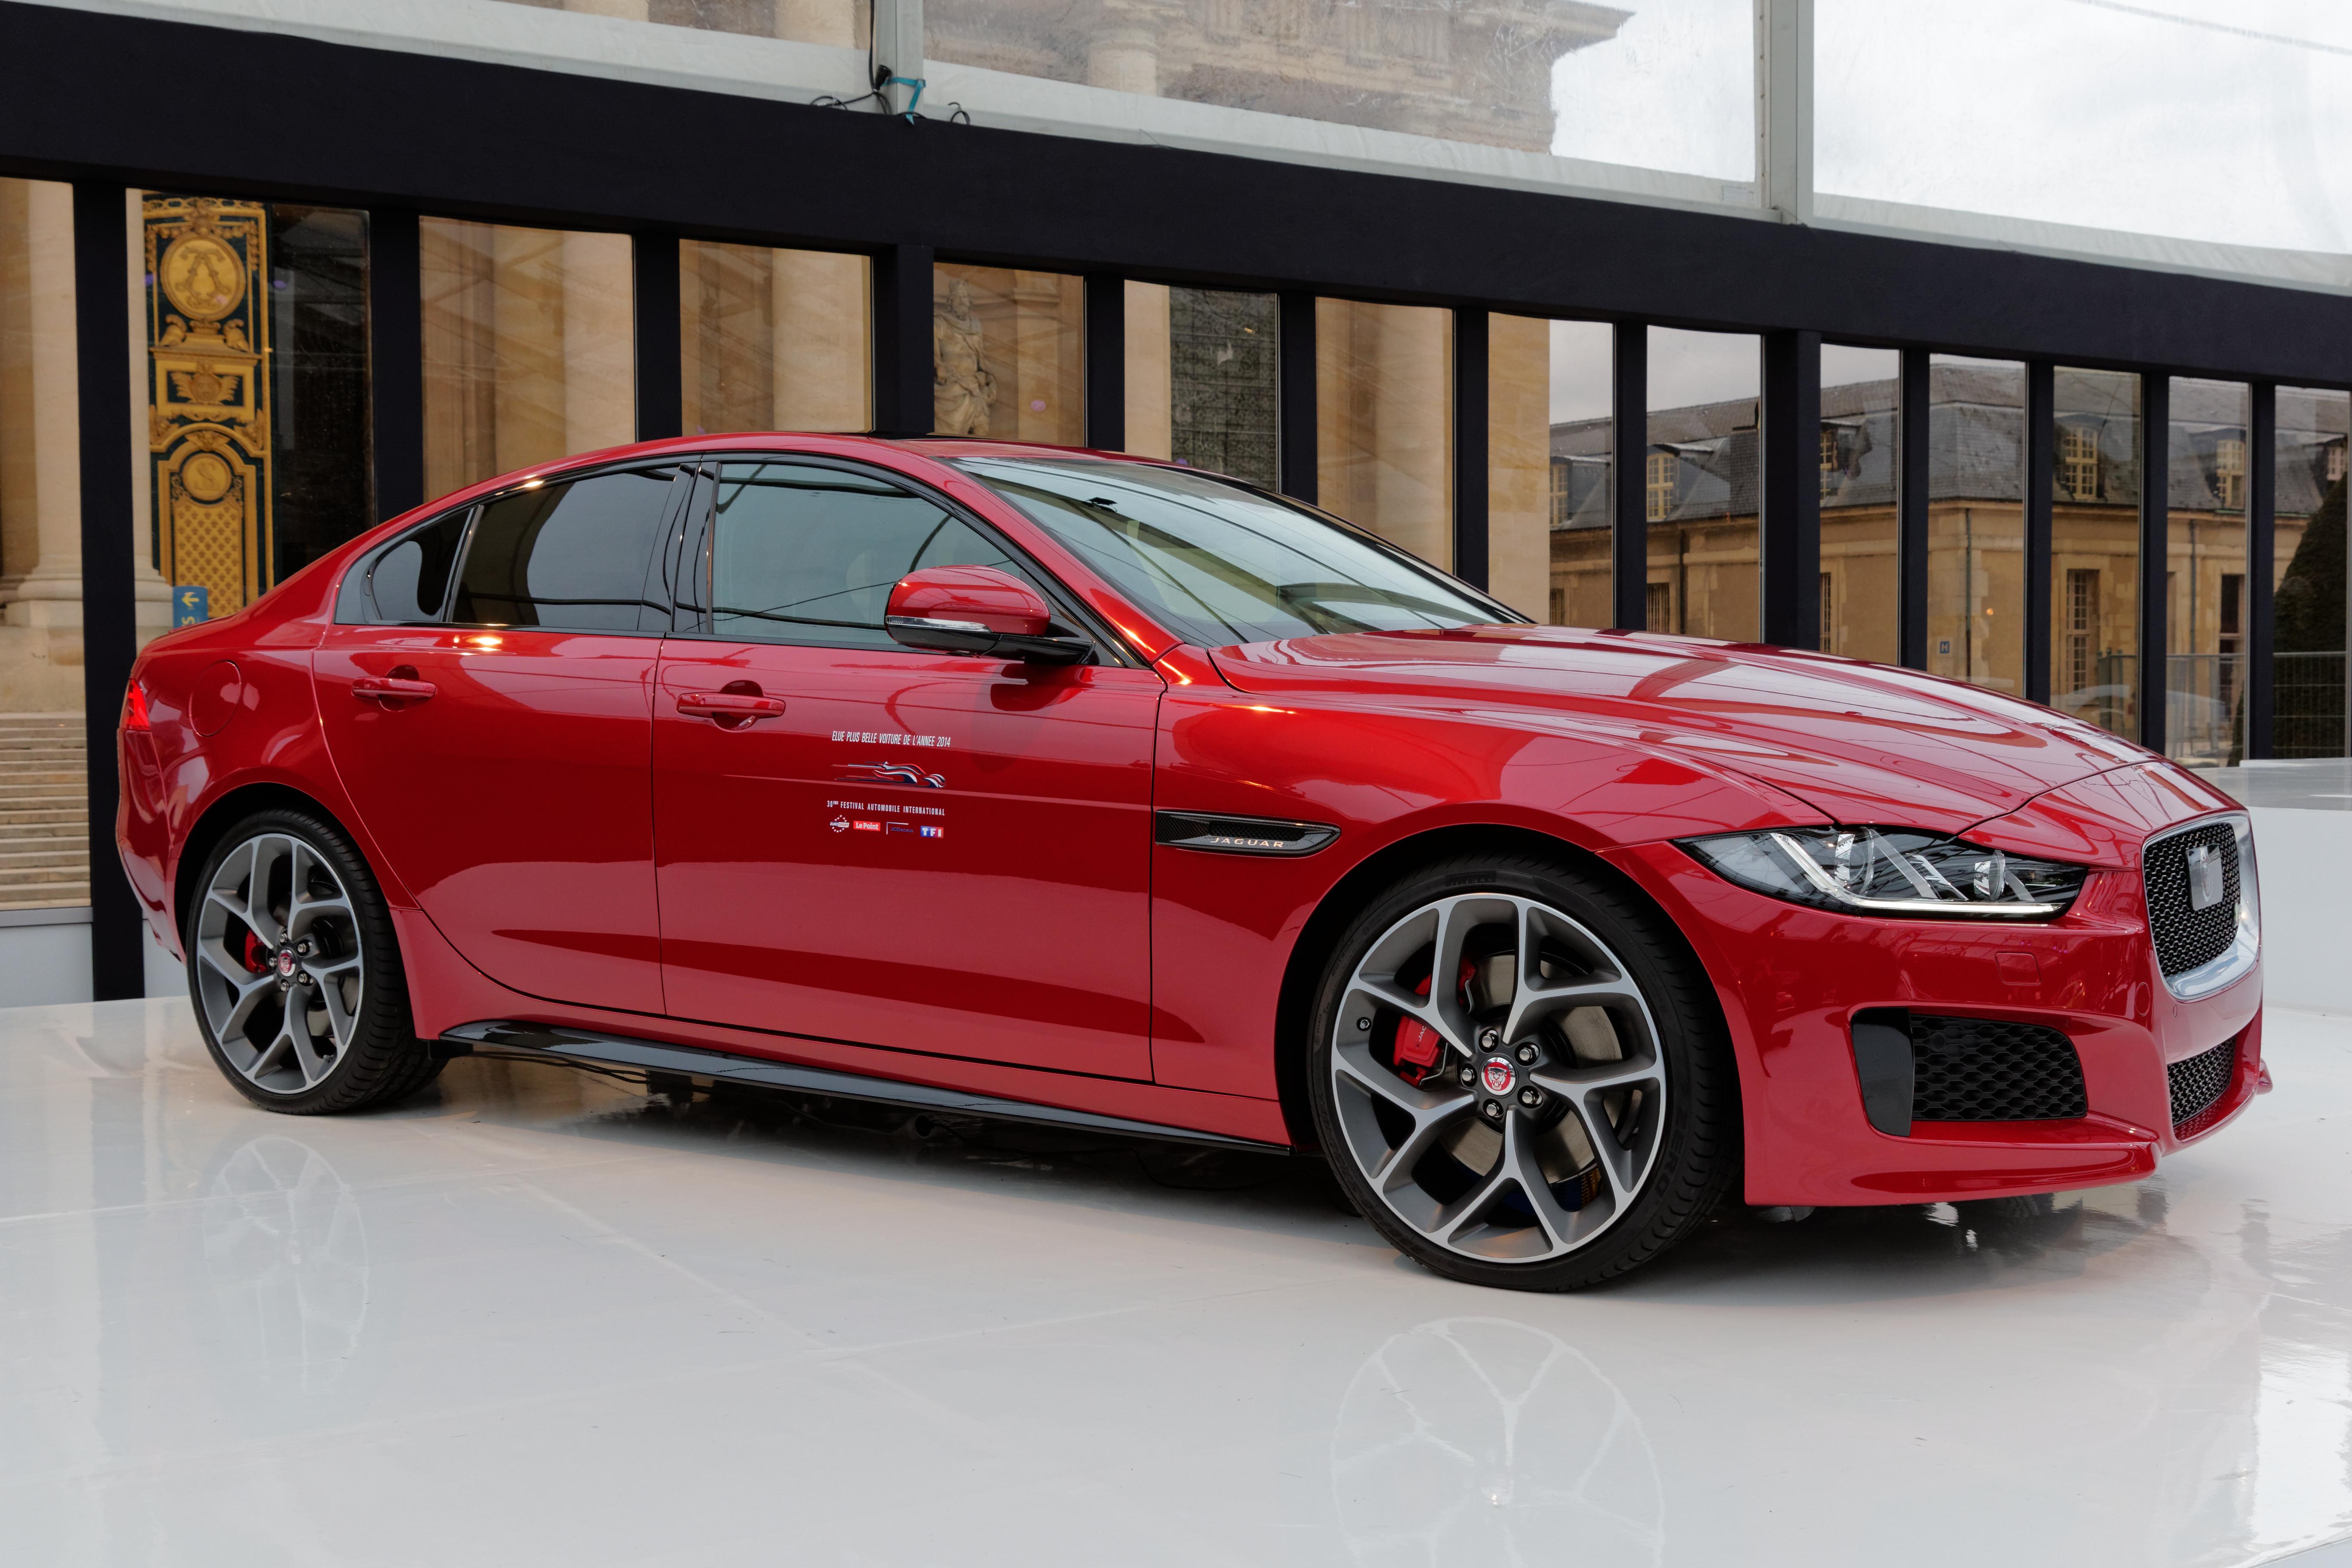 FileFestival Automobile International Jaguar XE Jpg - 2015 jaguar xe